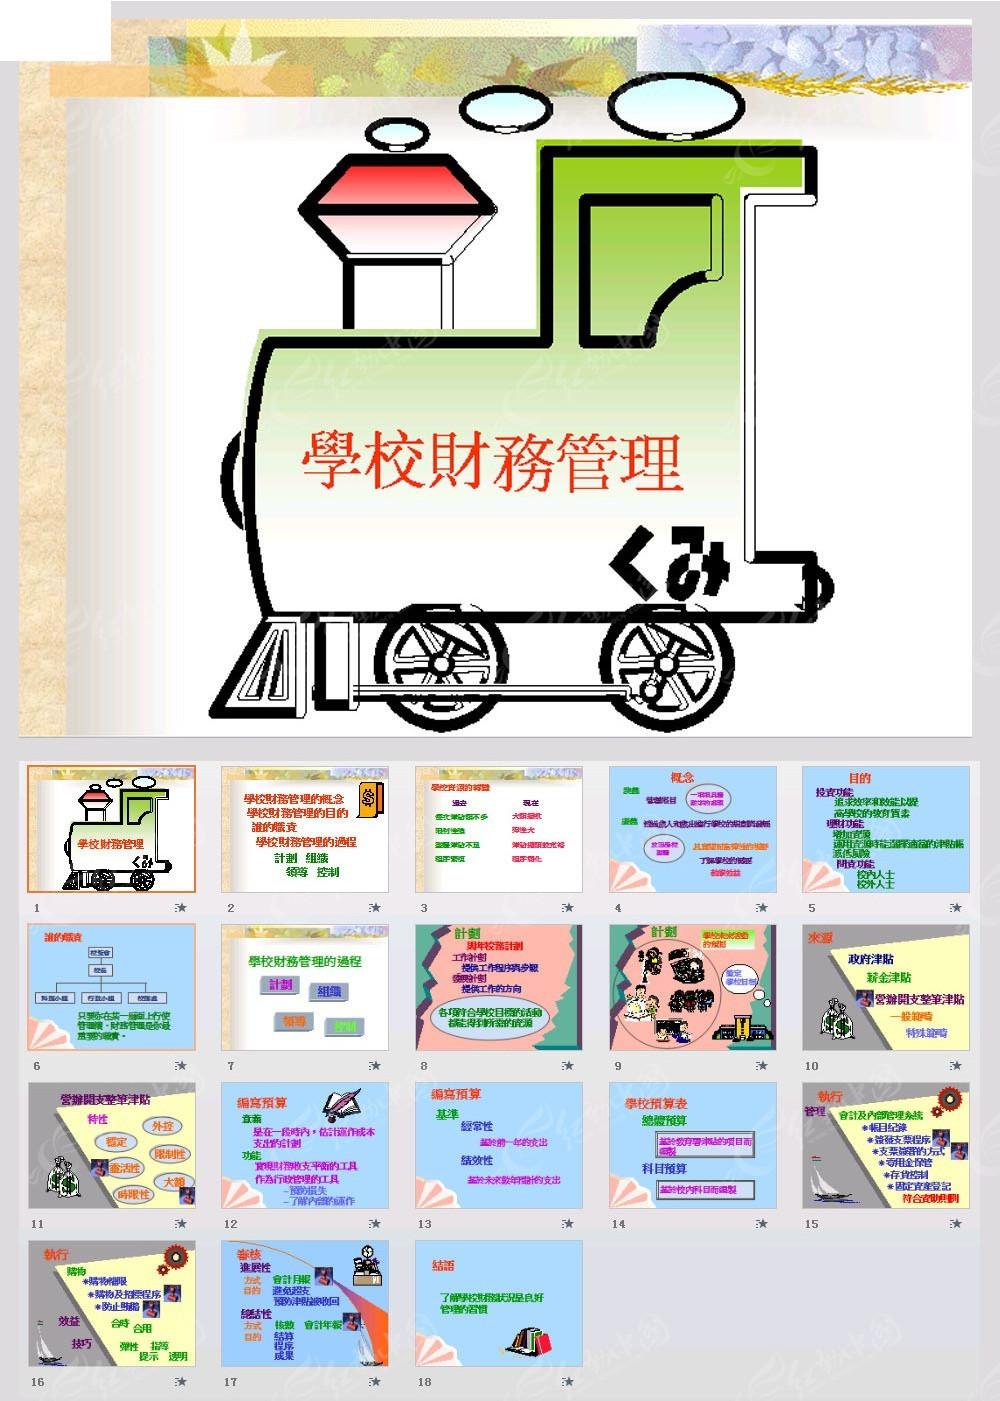 学校财务管理ppt模板免费下载_教育培训素材图片